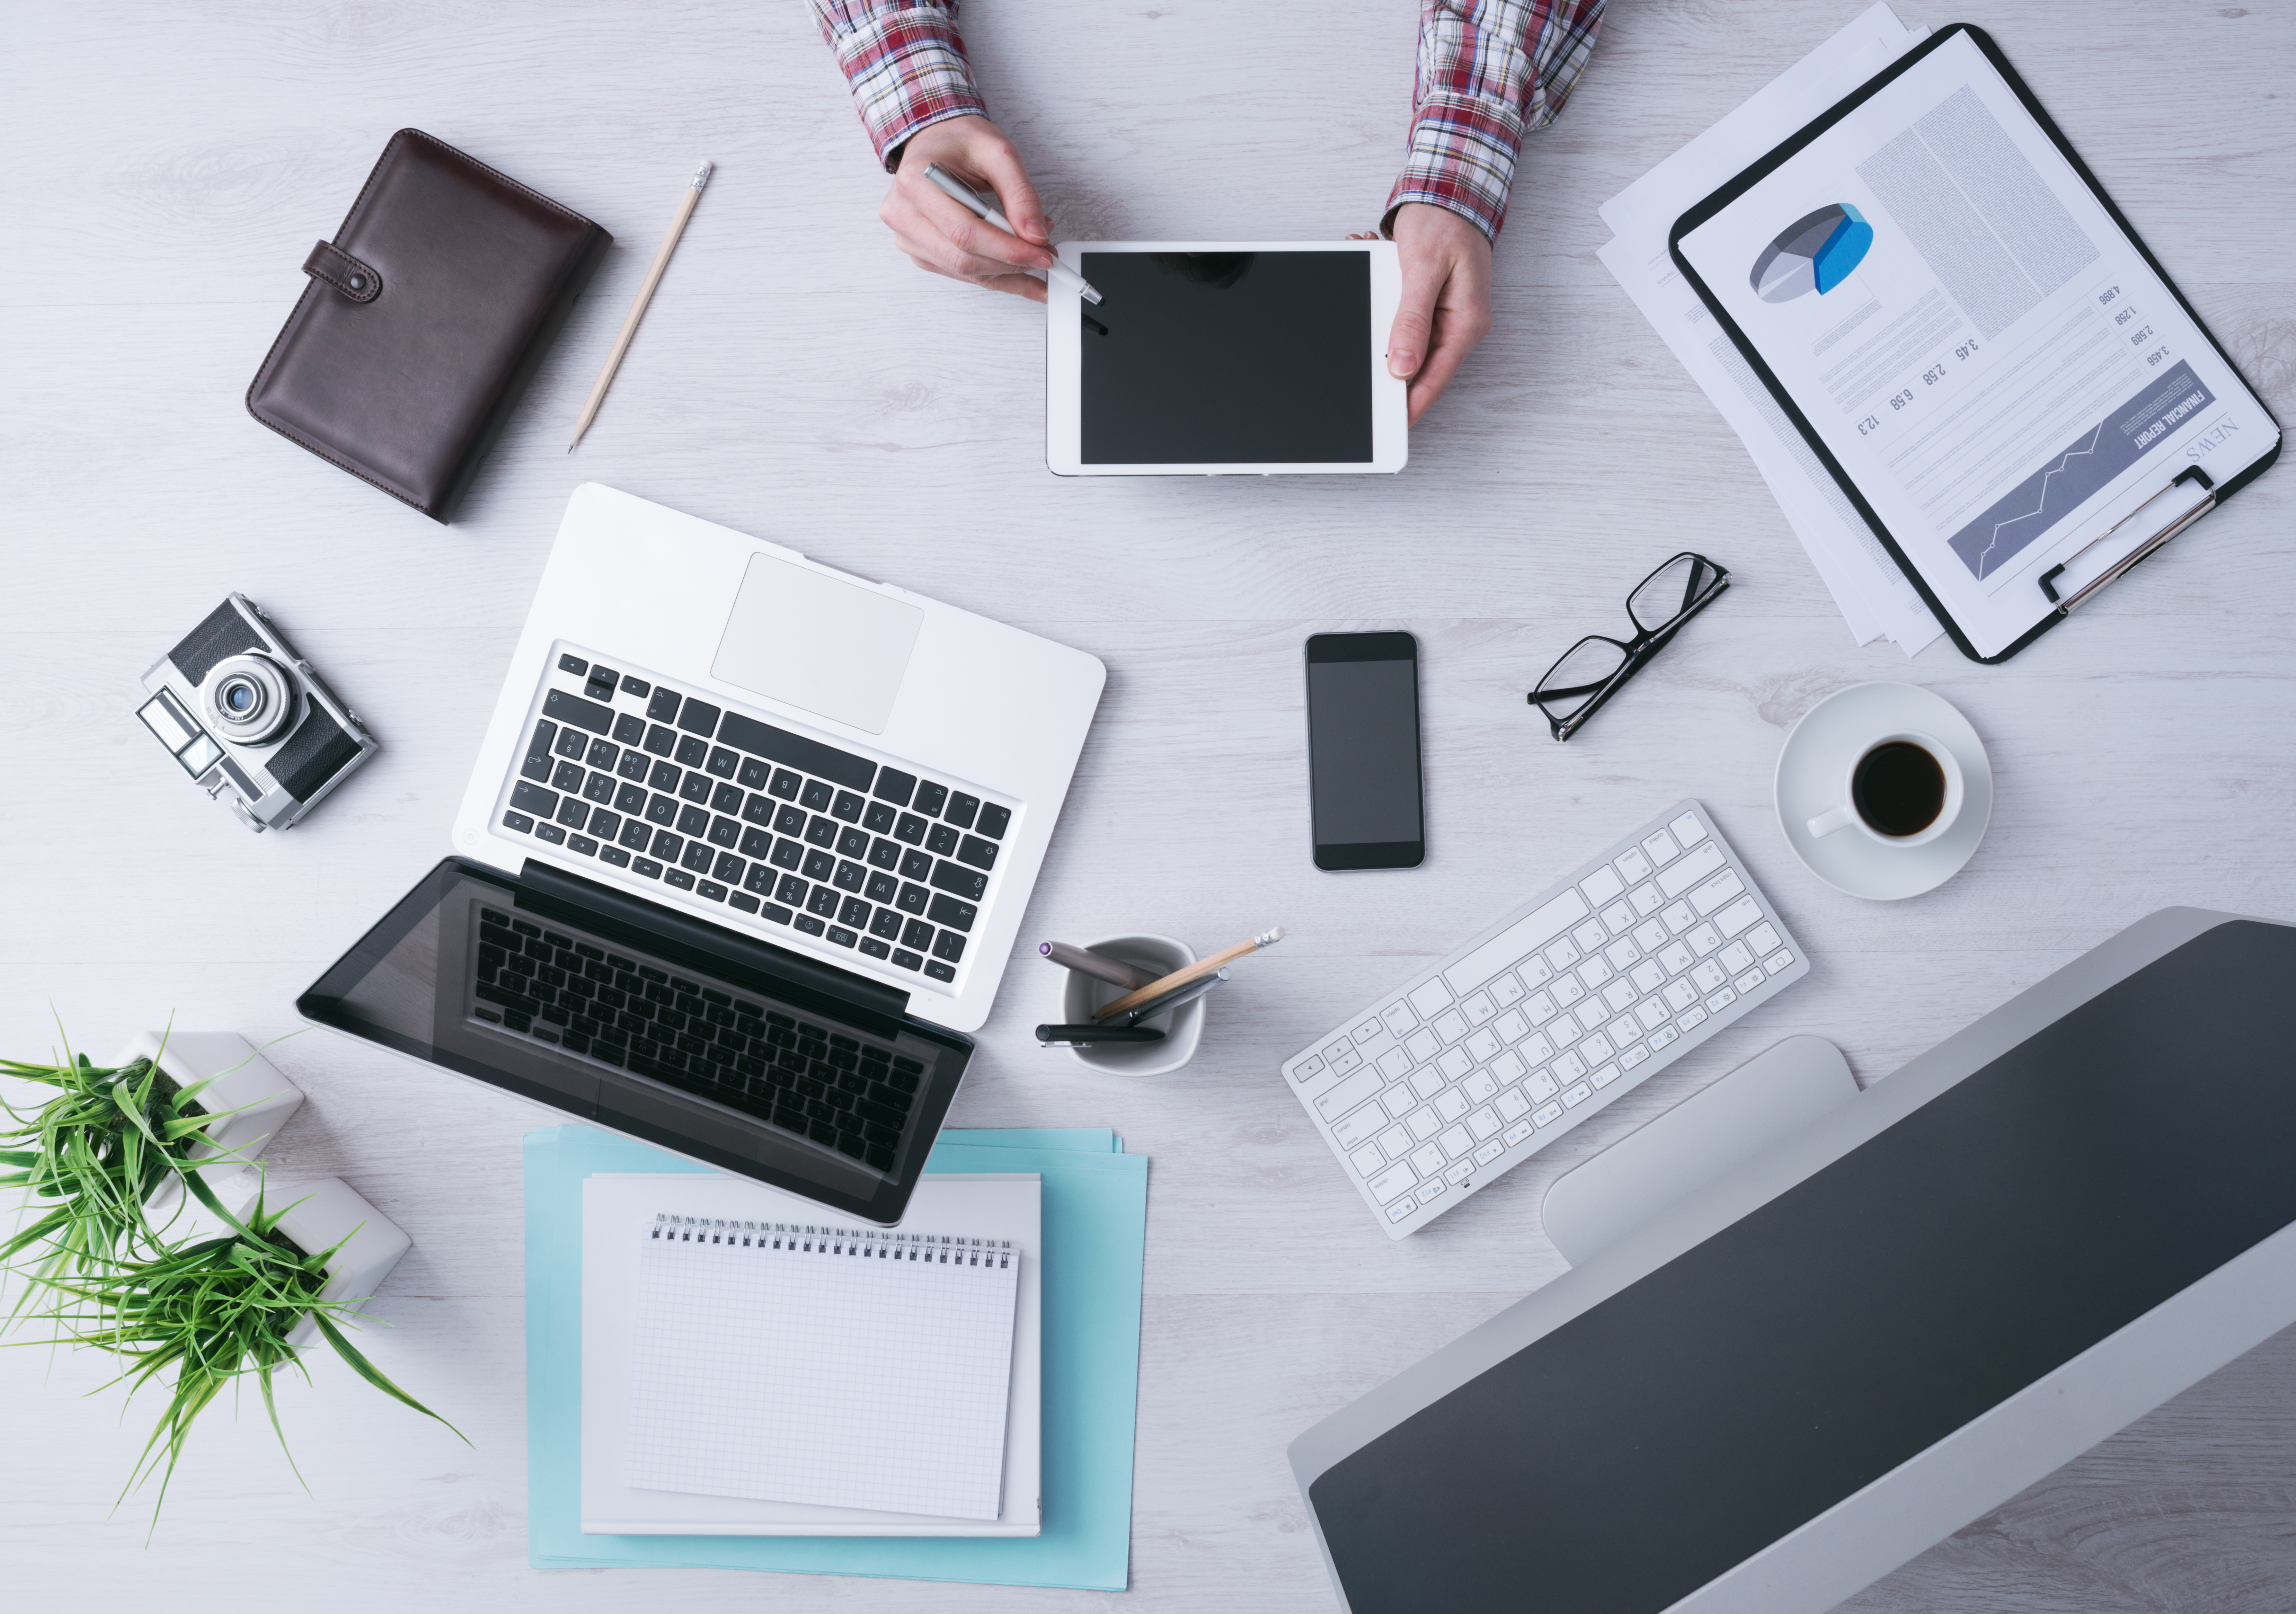 Comment simplifier et gérer plus efficacement vos finances ?